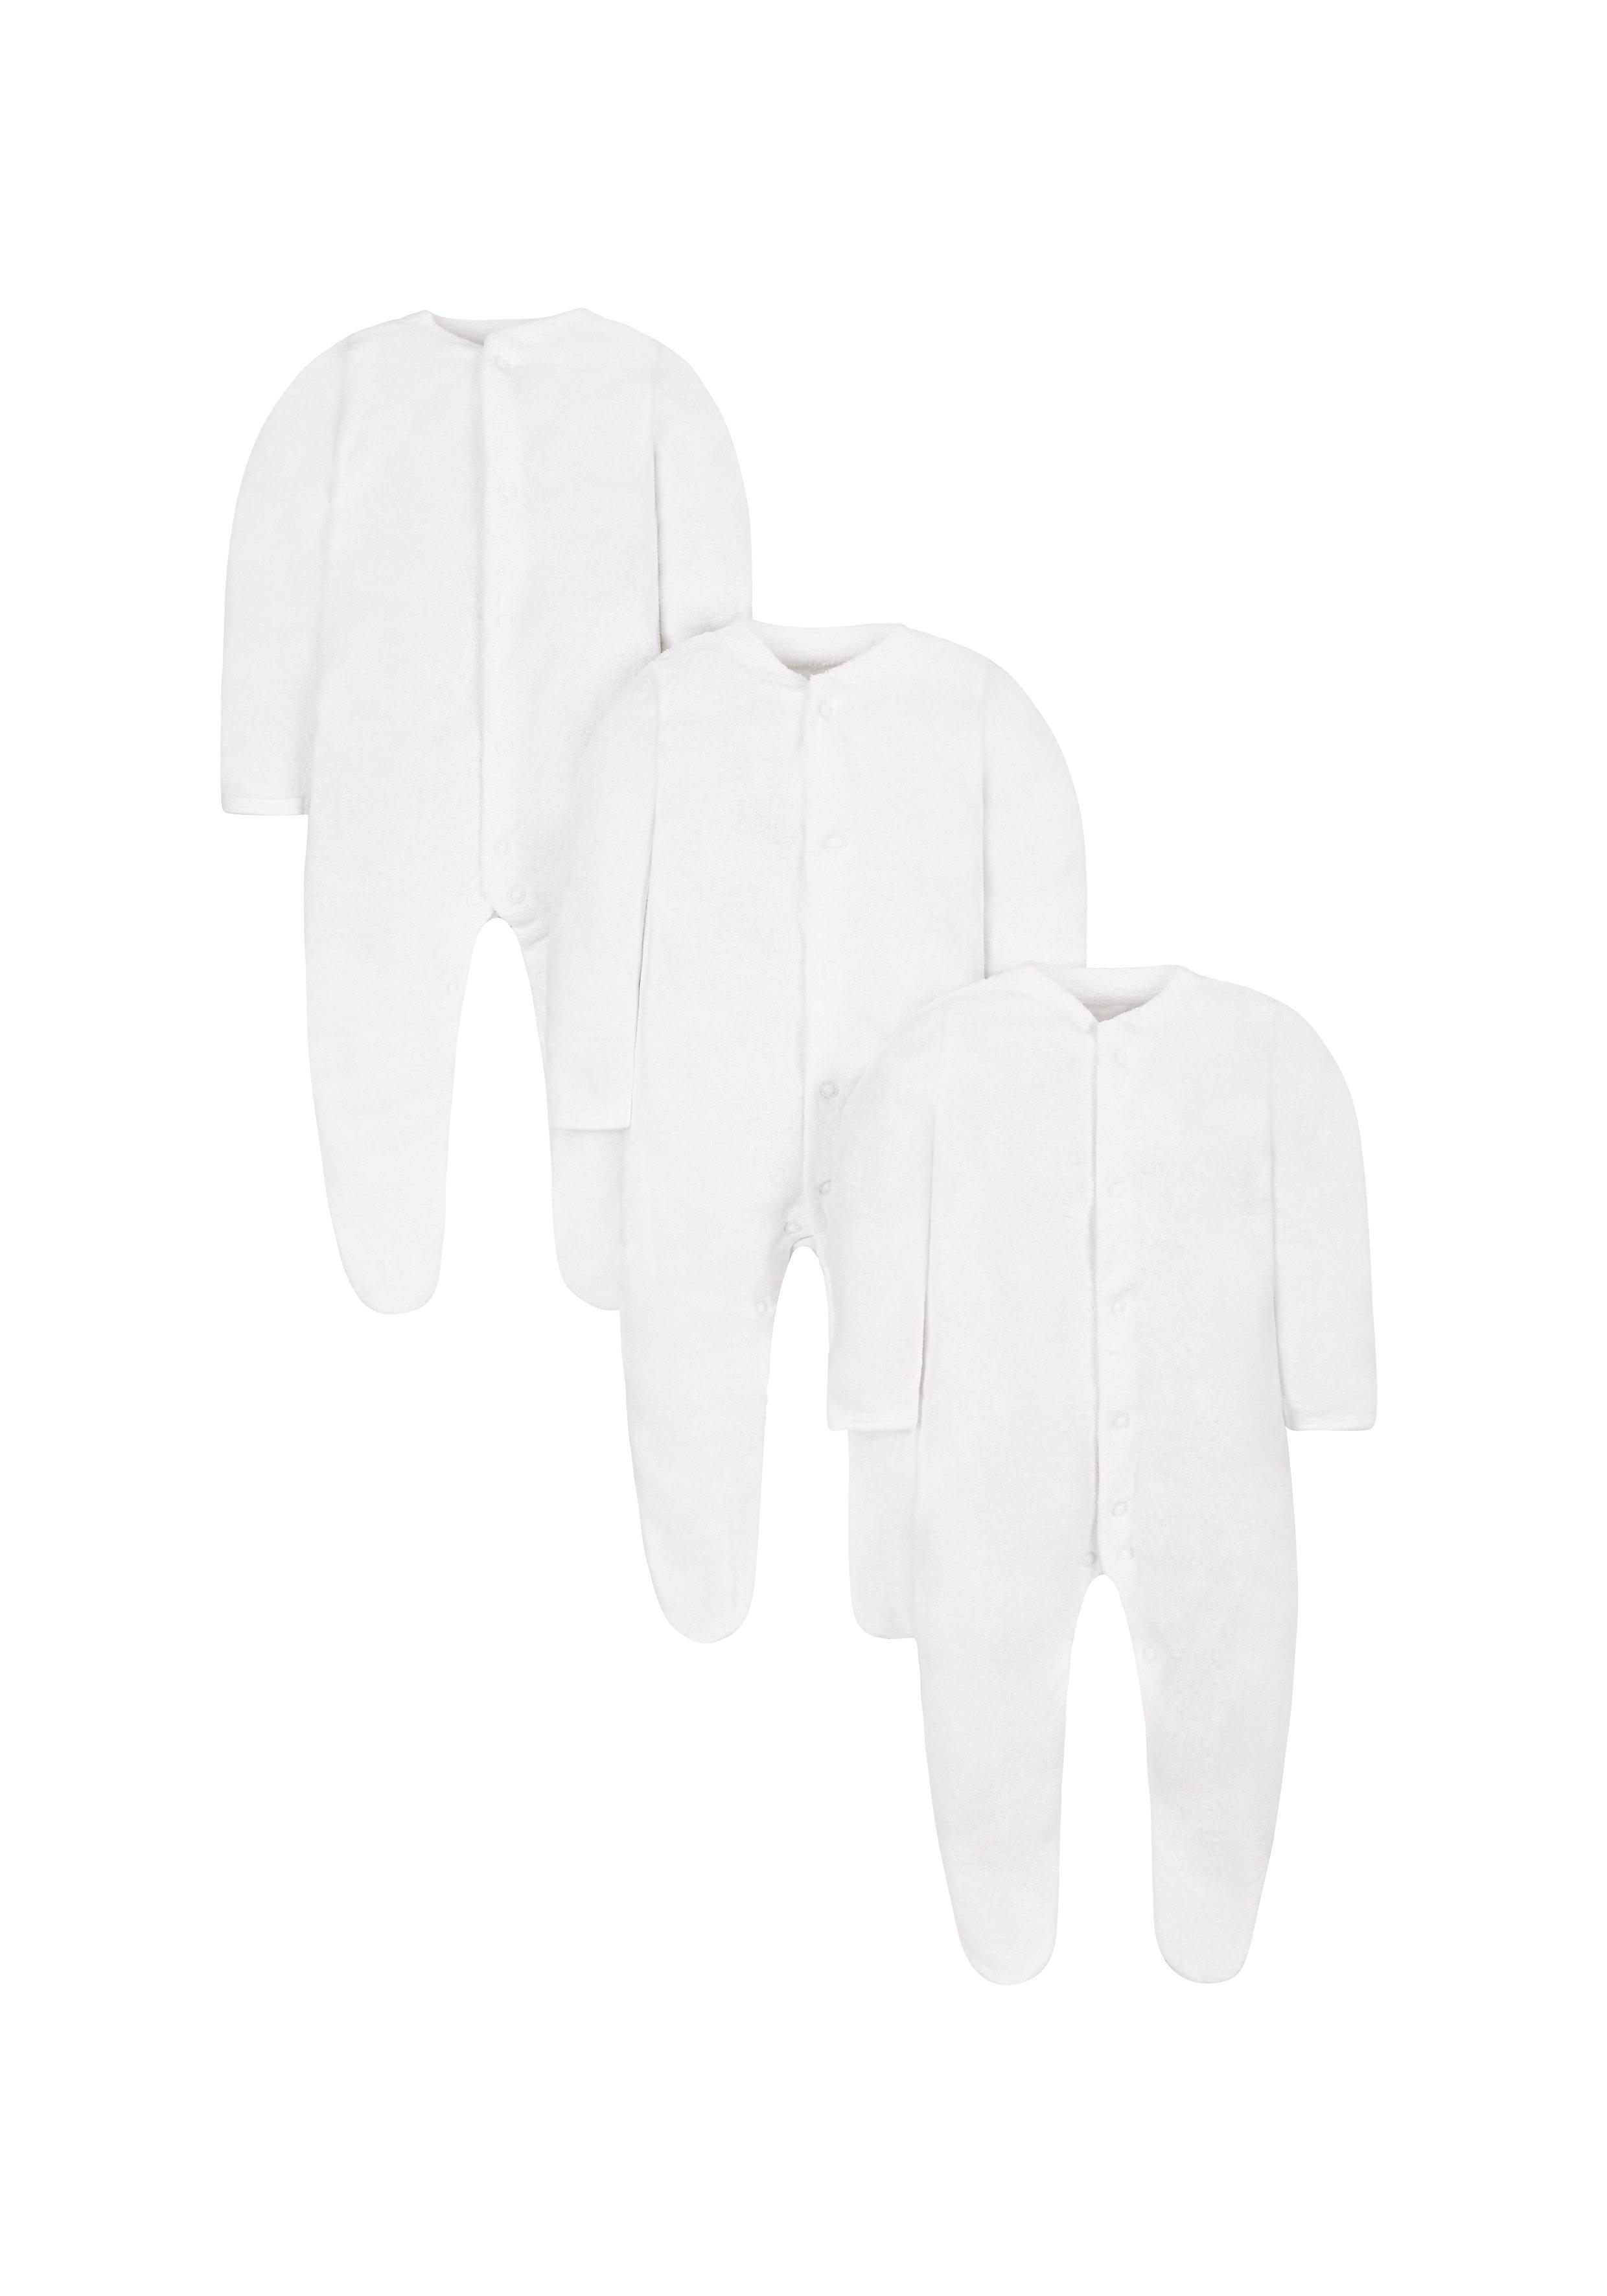 Mothercare | Unisex Full Sleeves Sleepsuit - Pack Of 3 - White